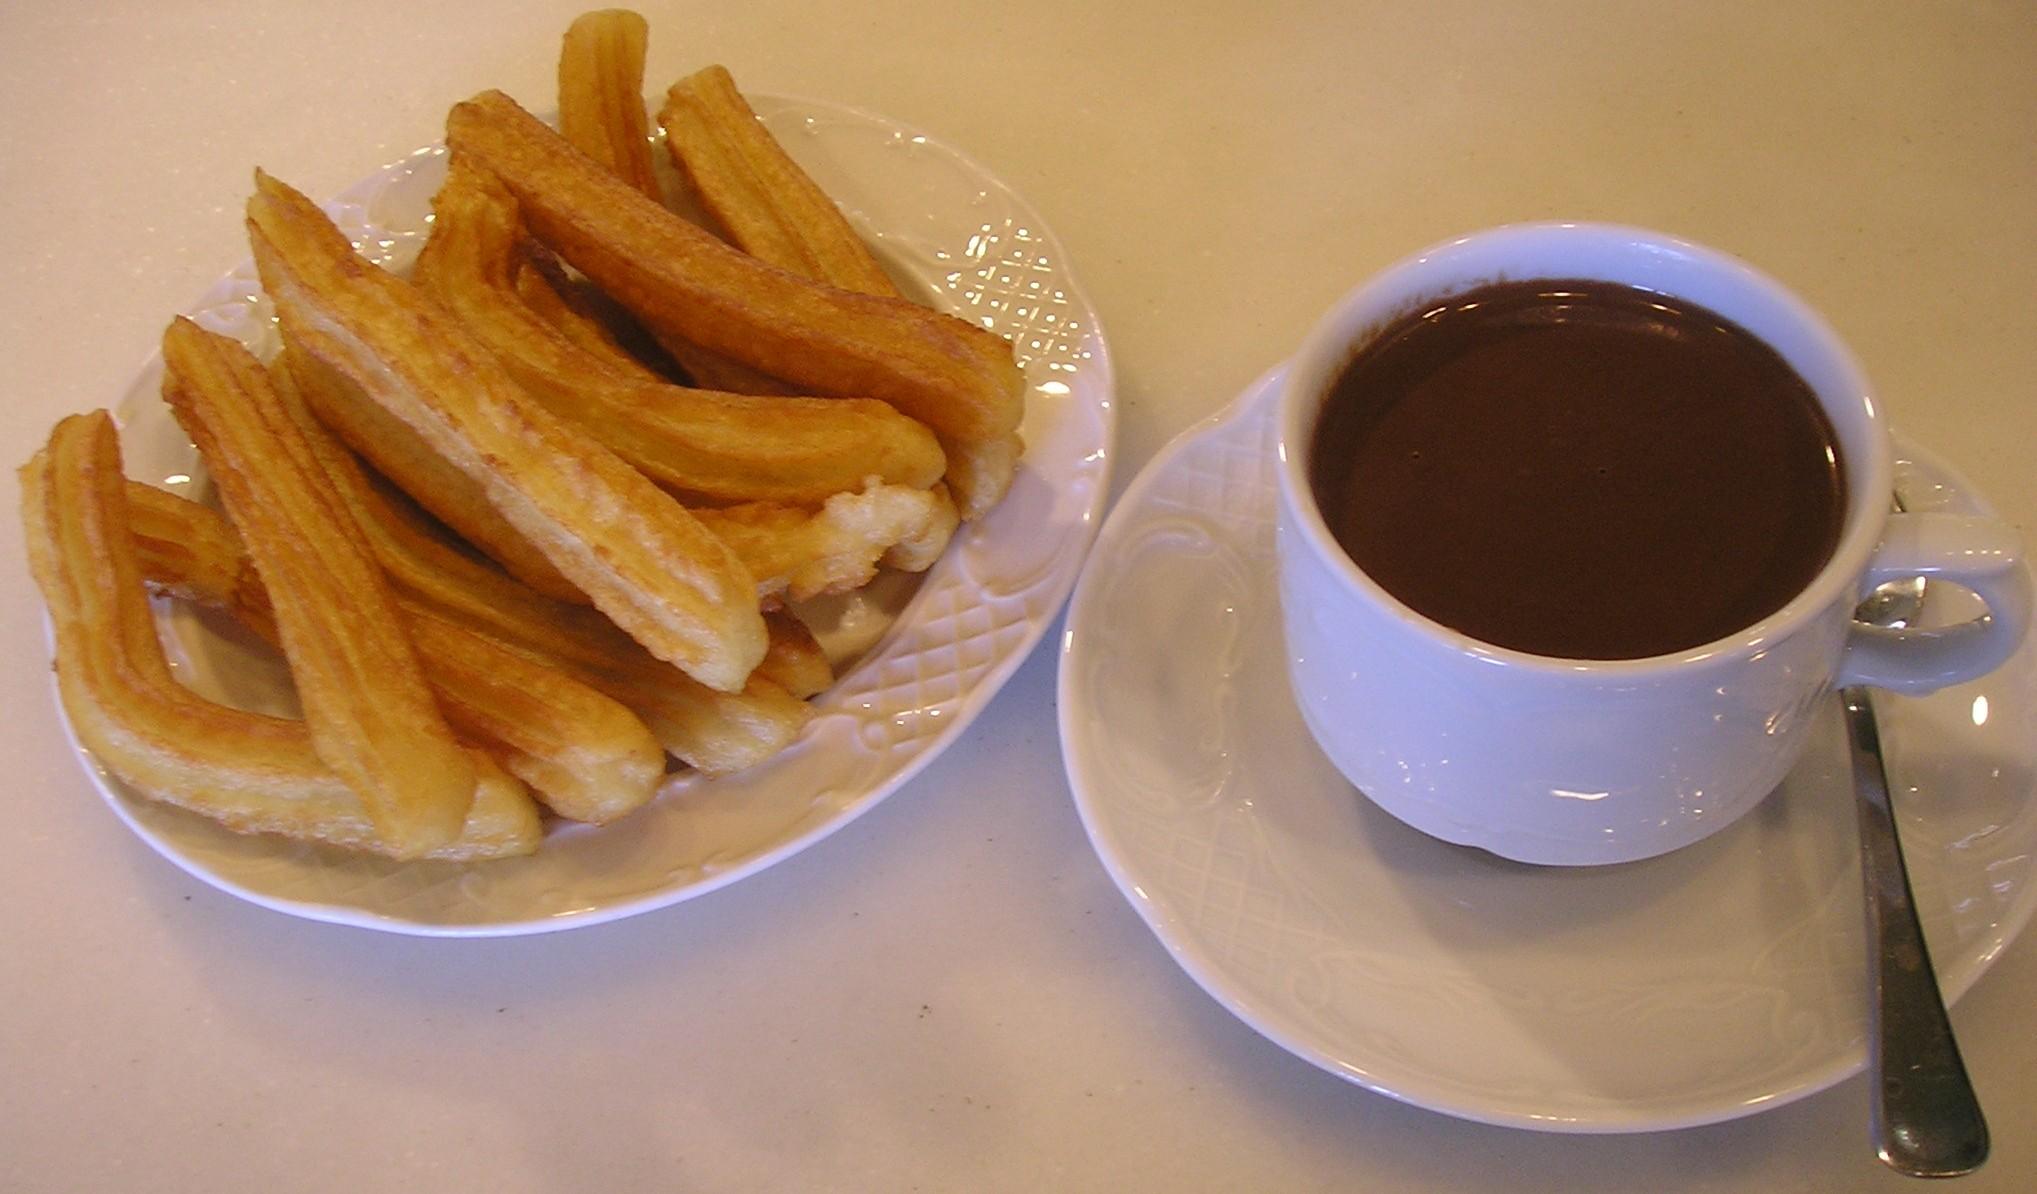 ♫♫♪FELIIIIIIZ CUMPLEAÑOOOOOS IRUUUUUUUUUN ♫♪♫ Chocolate-con-churros